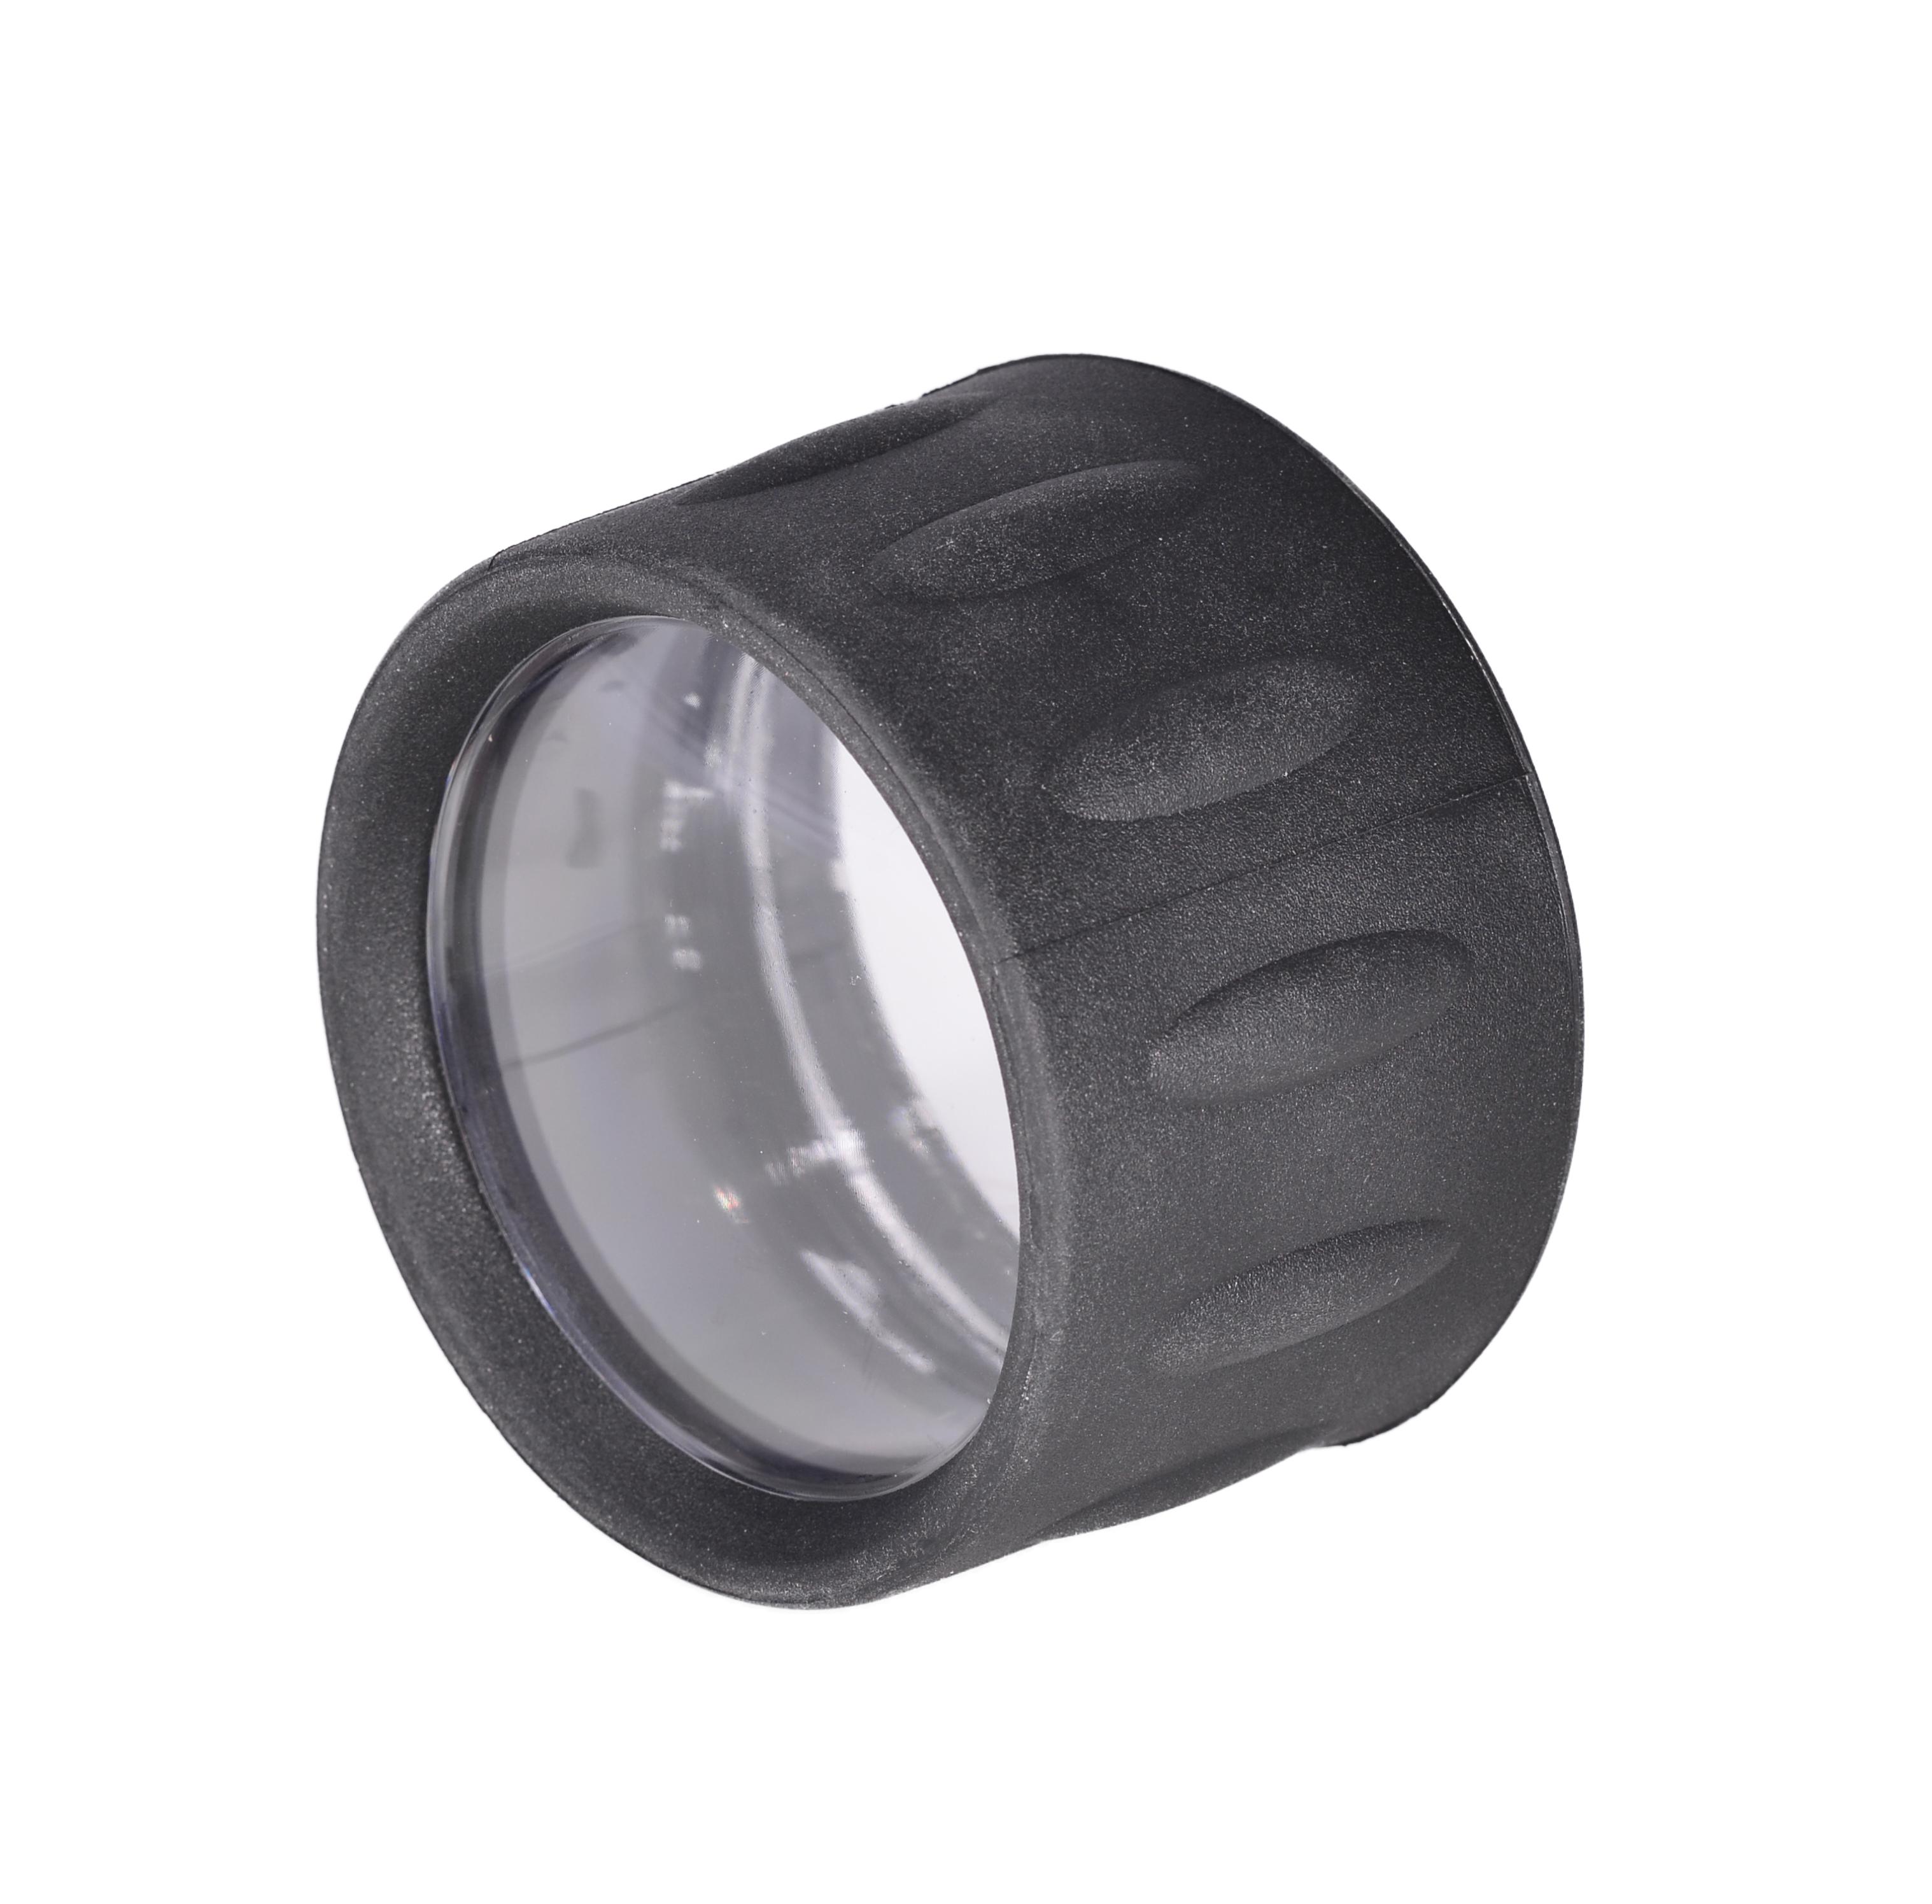 Sector Lens Cap